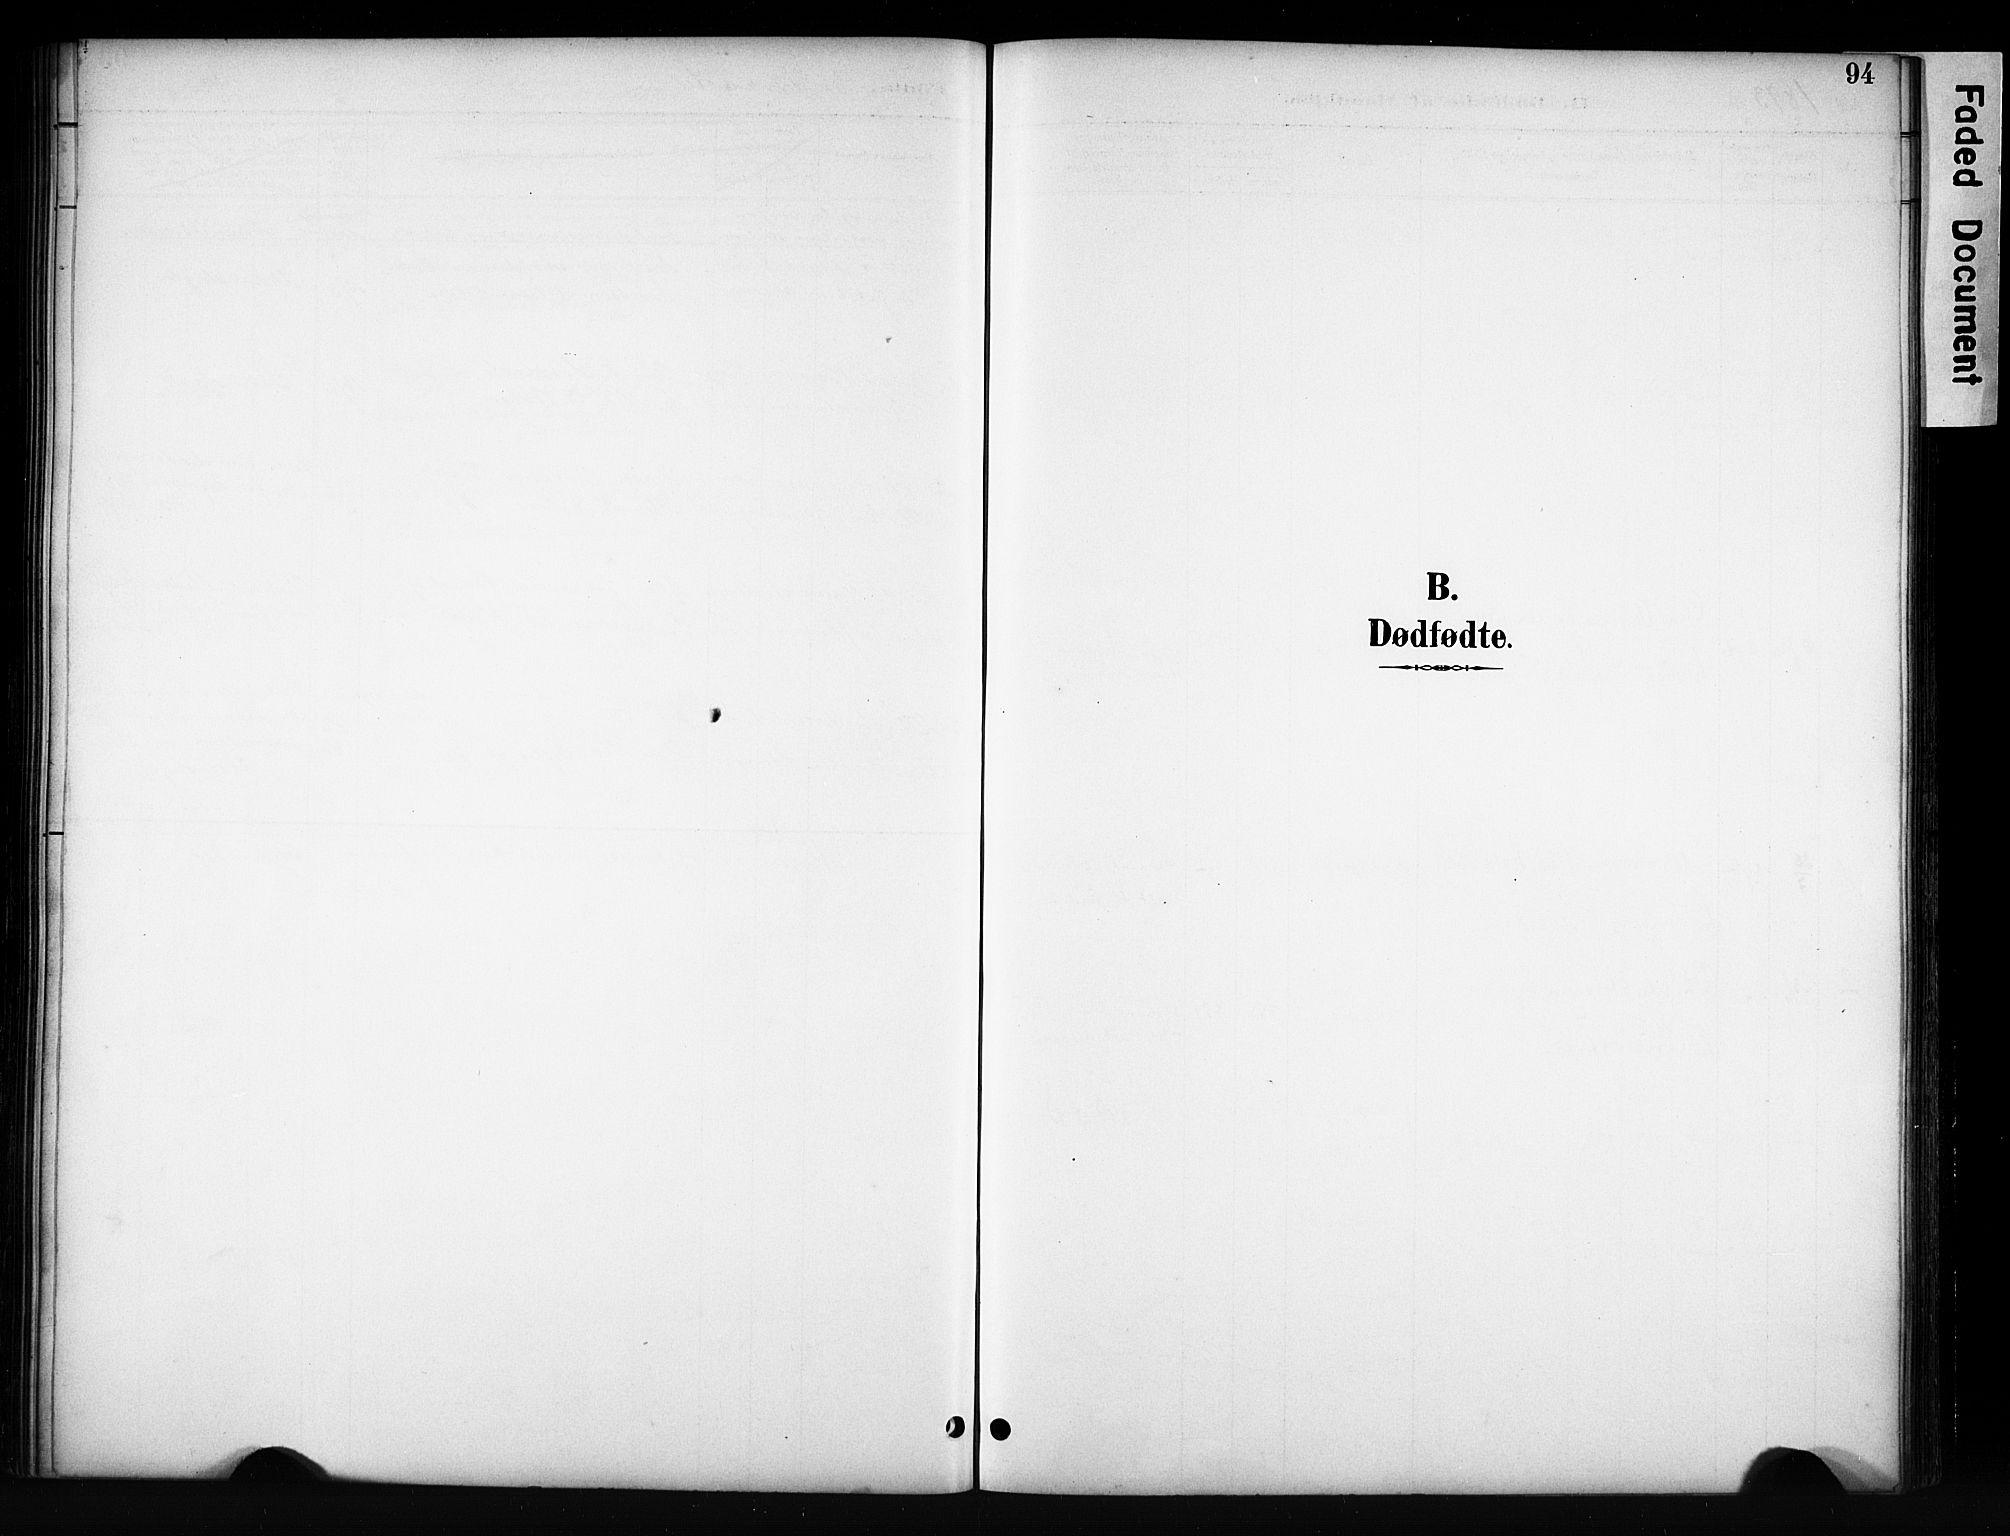 SAH, Vang prestekontor, Valdres, Klokkerbok nr. 6, 1893-1918, s. 94